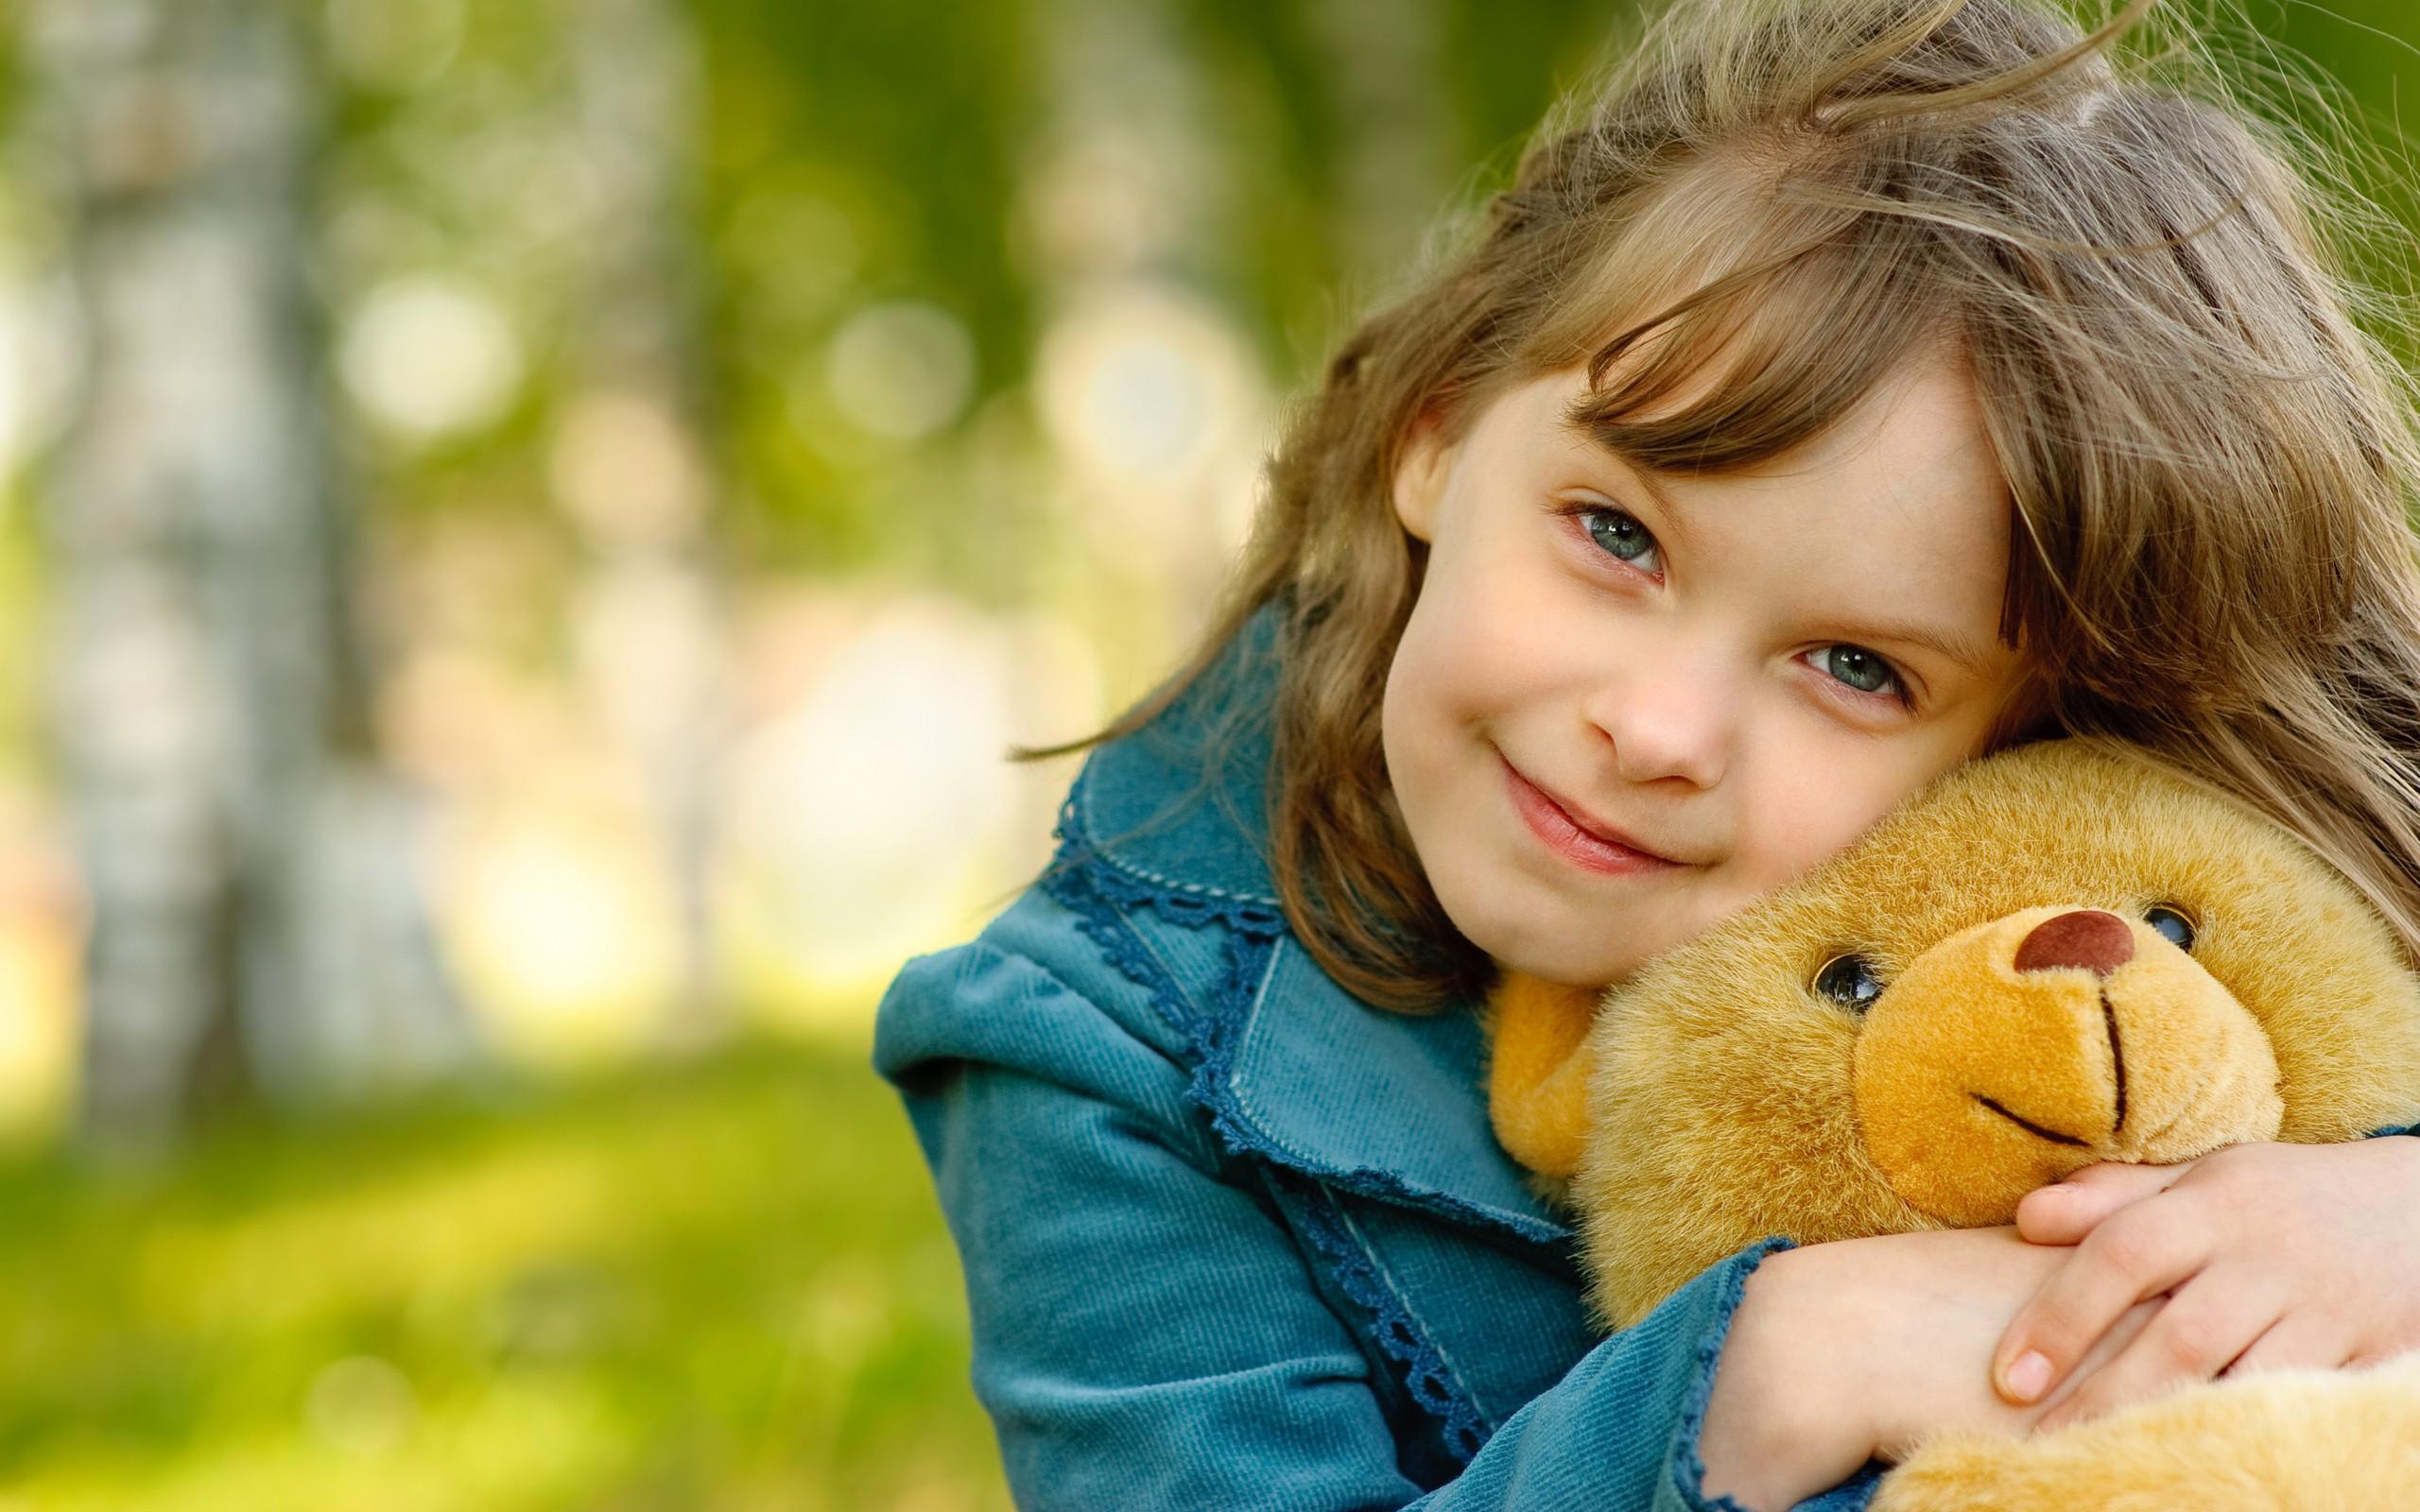 صور اطفال لطيفة 14